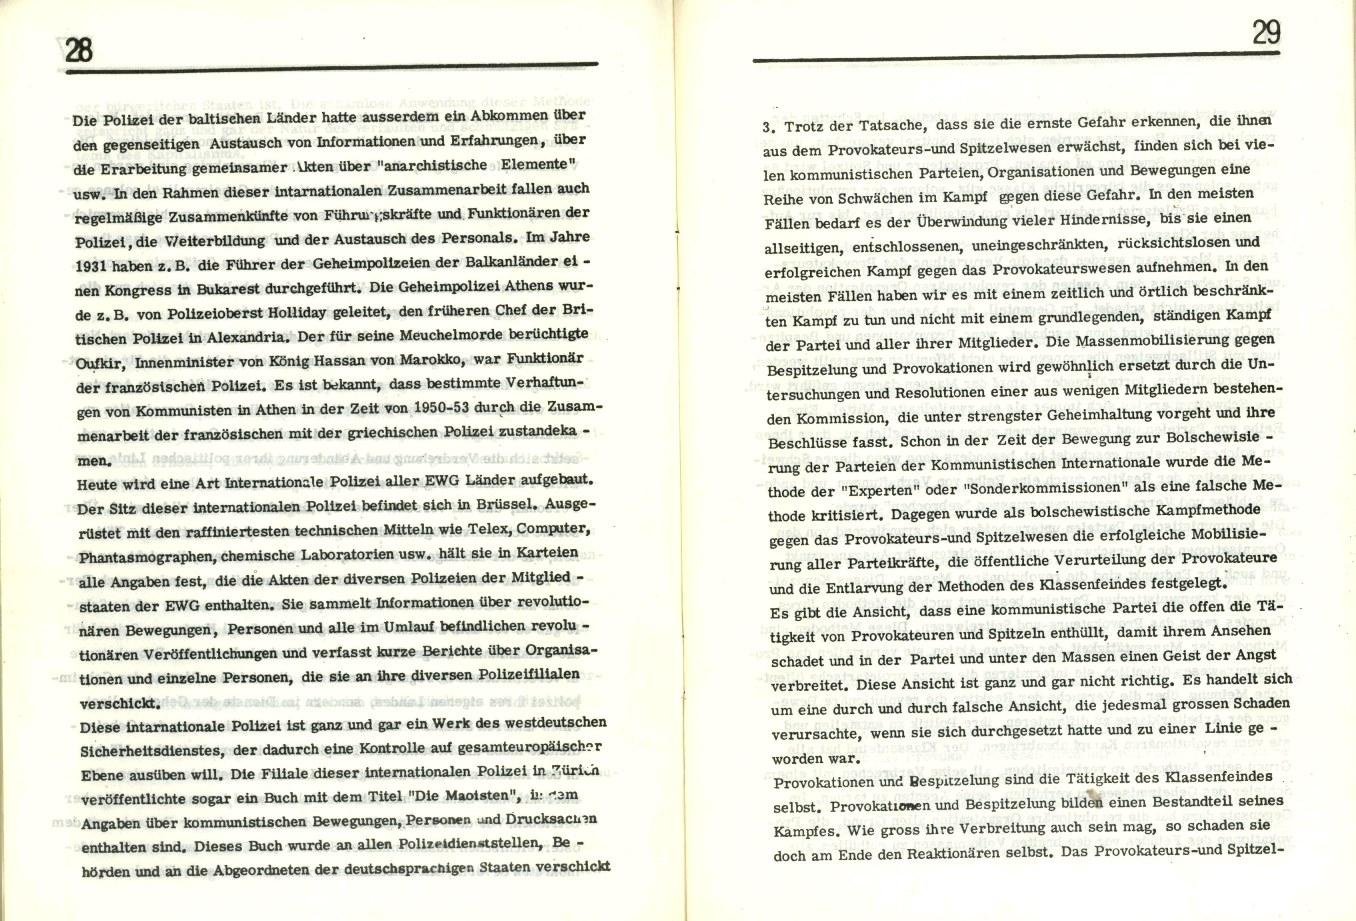 Griechenland_Griechische_ML_1971_Dokumente_01_15